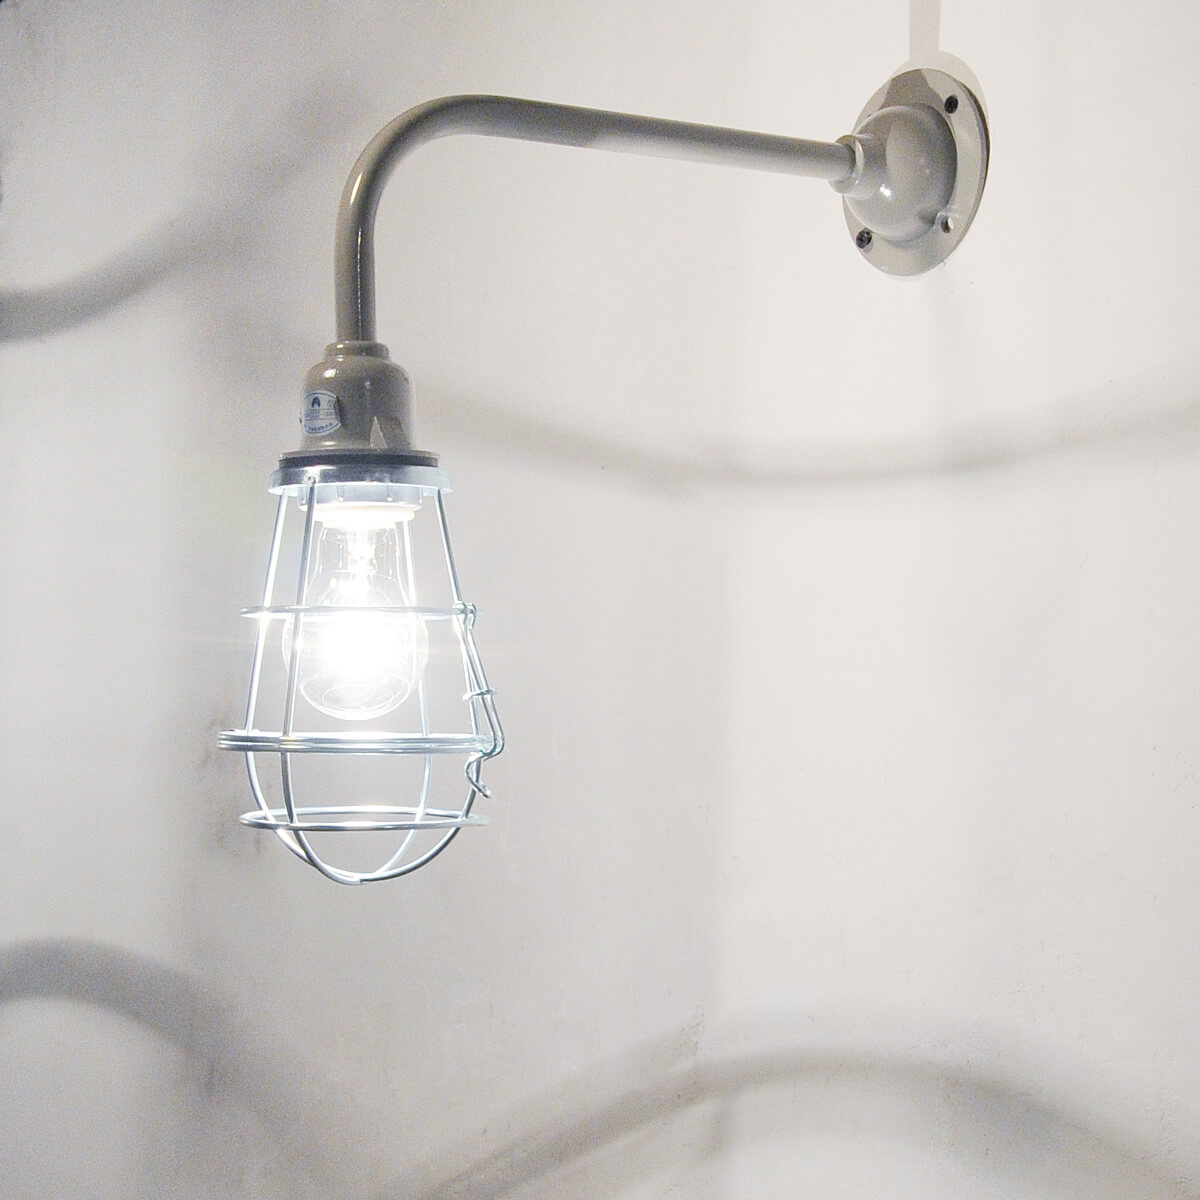 【インダストリアル ブラケットライト ブラケット 照明 壁付 電球セット LED対応 バー カフェ ショップ アンティーク調 アンティーク風】インダストリアル ケージランプ ブラケット1